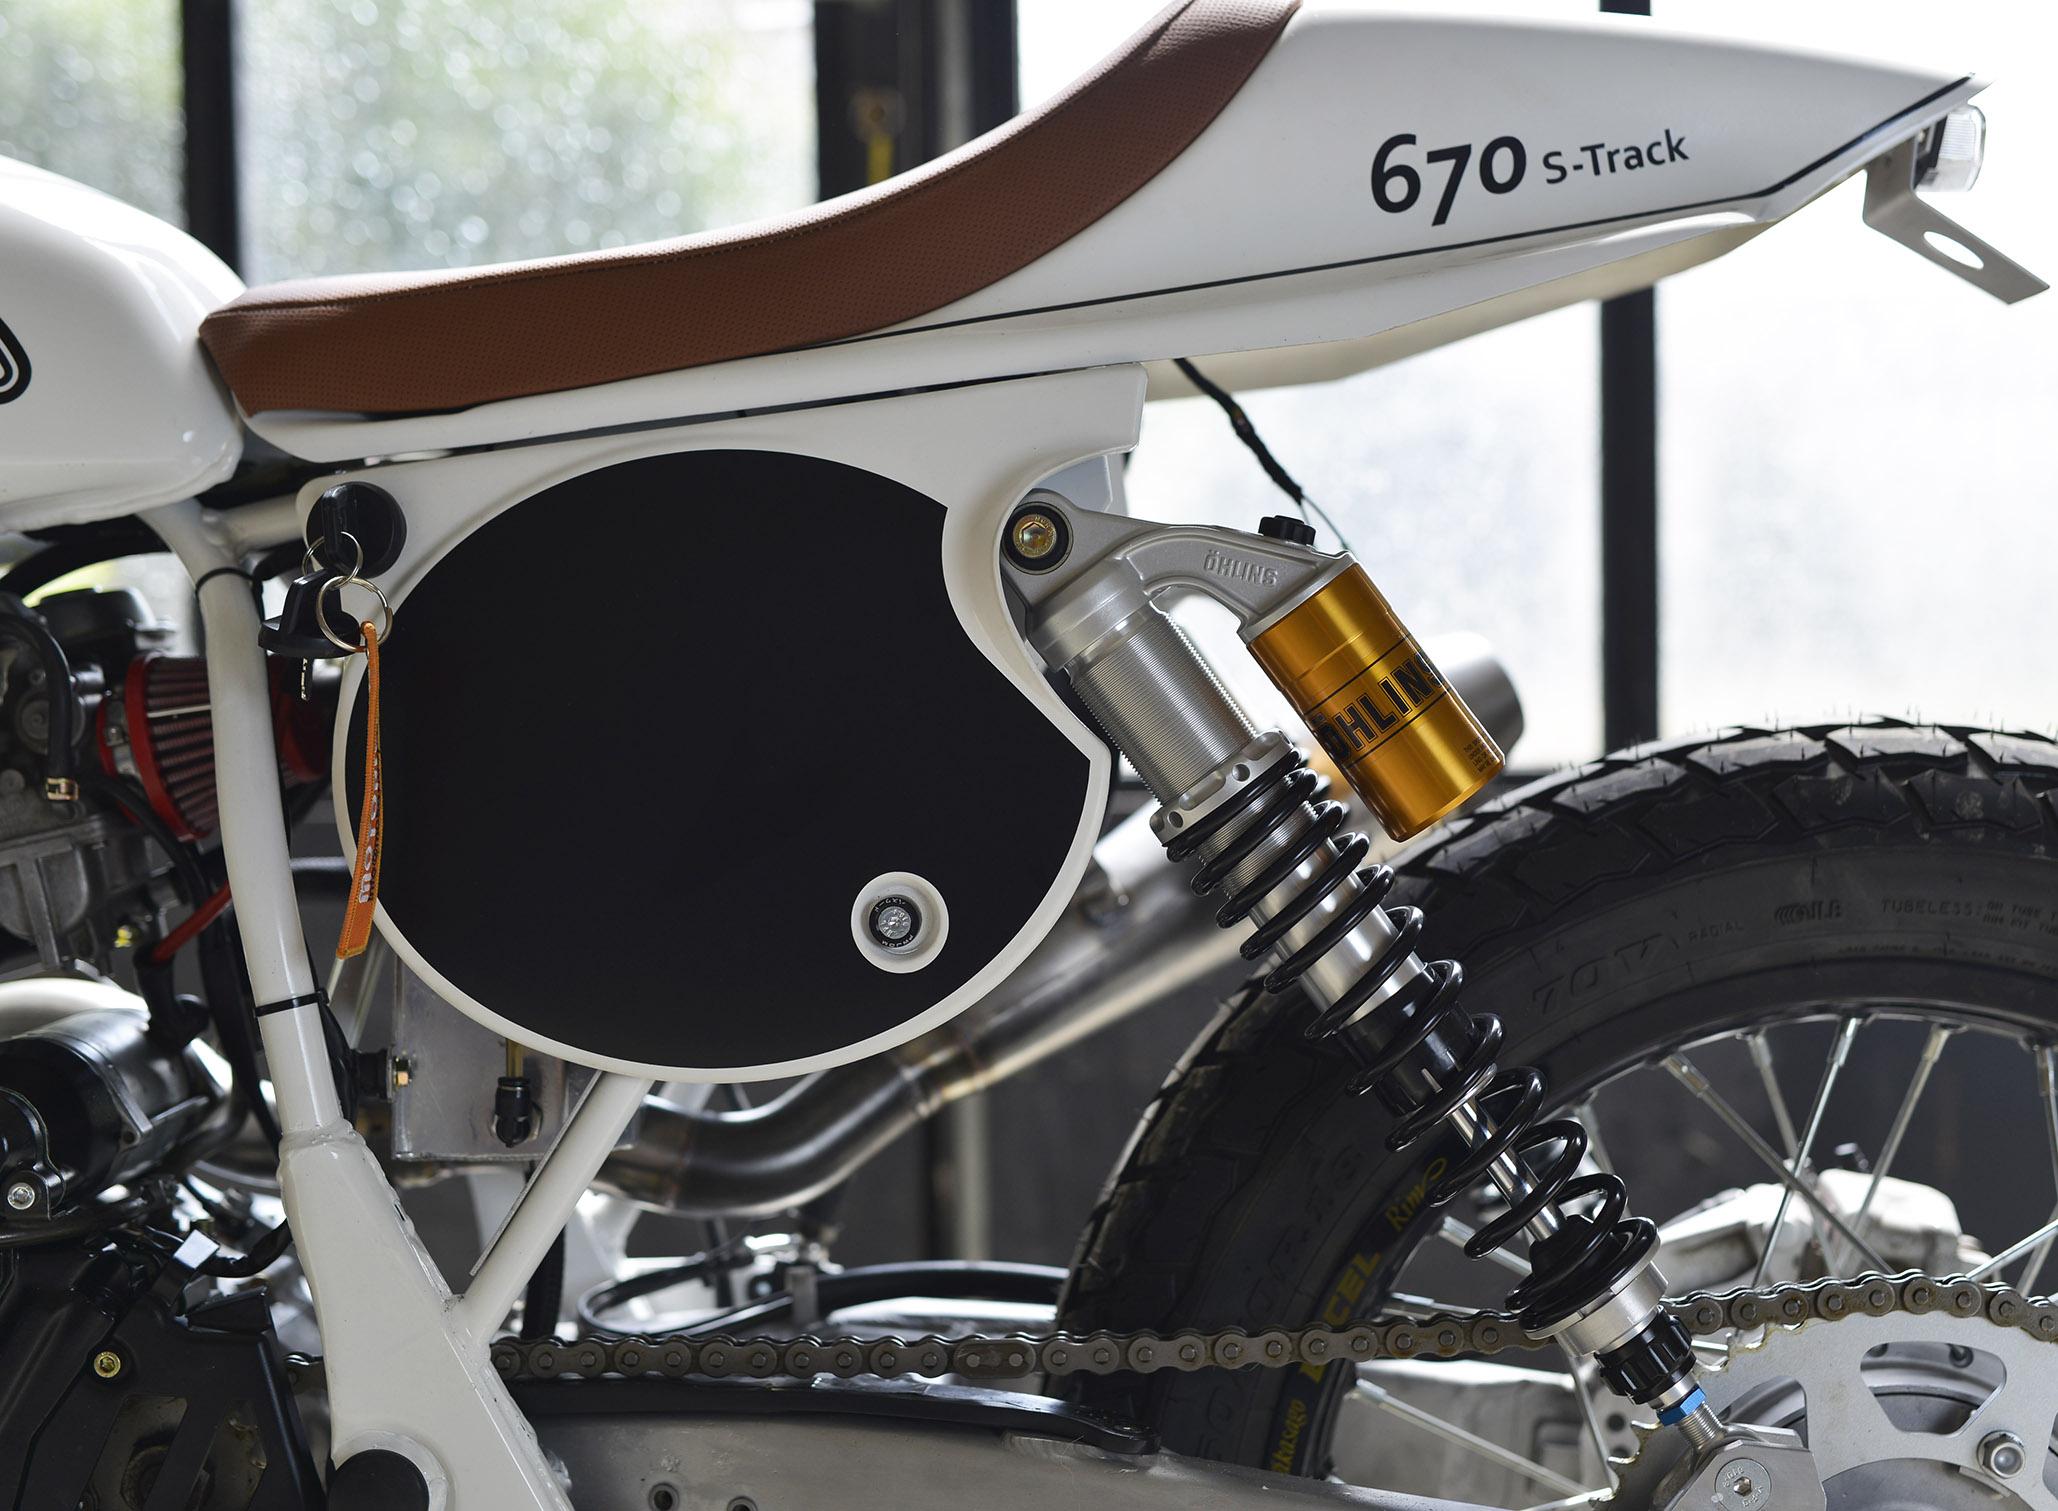 Motorieep 670 ST3 5